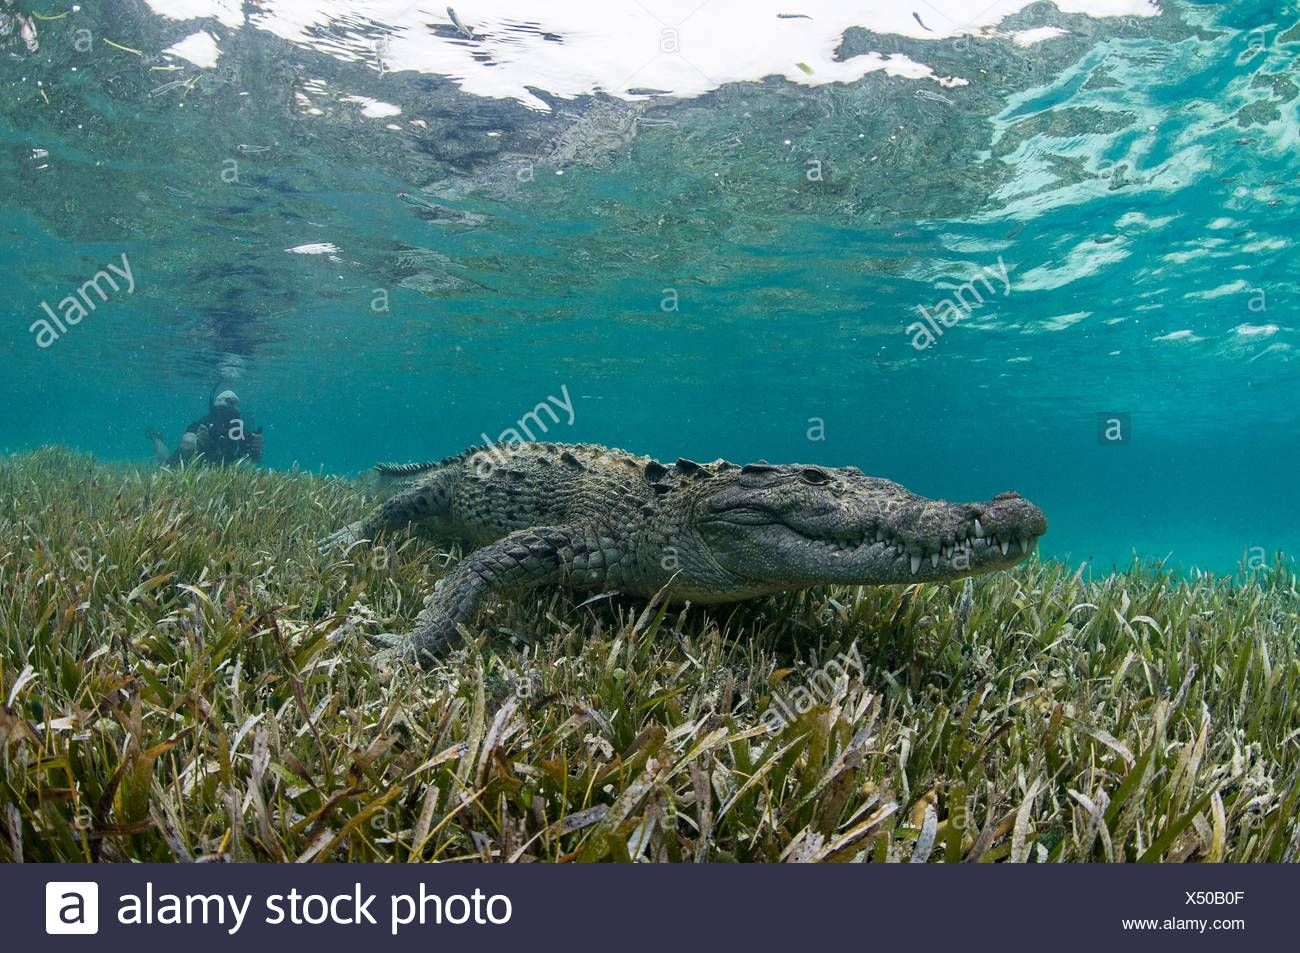 Vista submarina de cocodrilo sobre algas marinas en aguas poco profundas, el Atolón de Chinchorro, Quintana Roo, México. Foto de stock